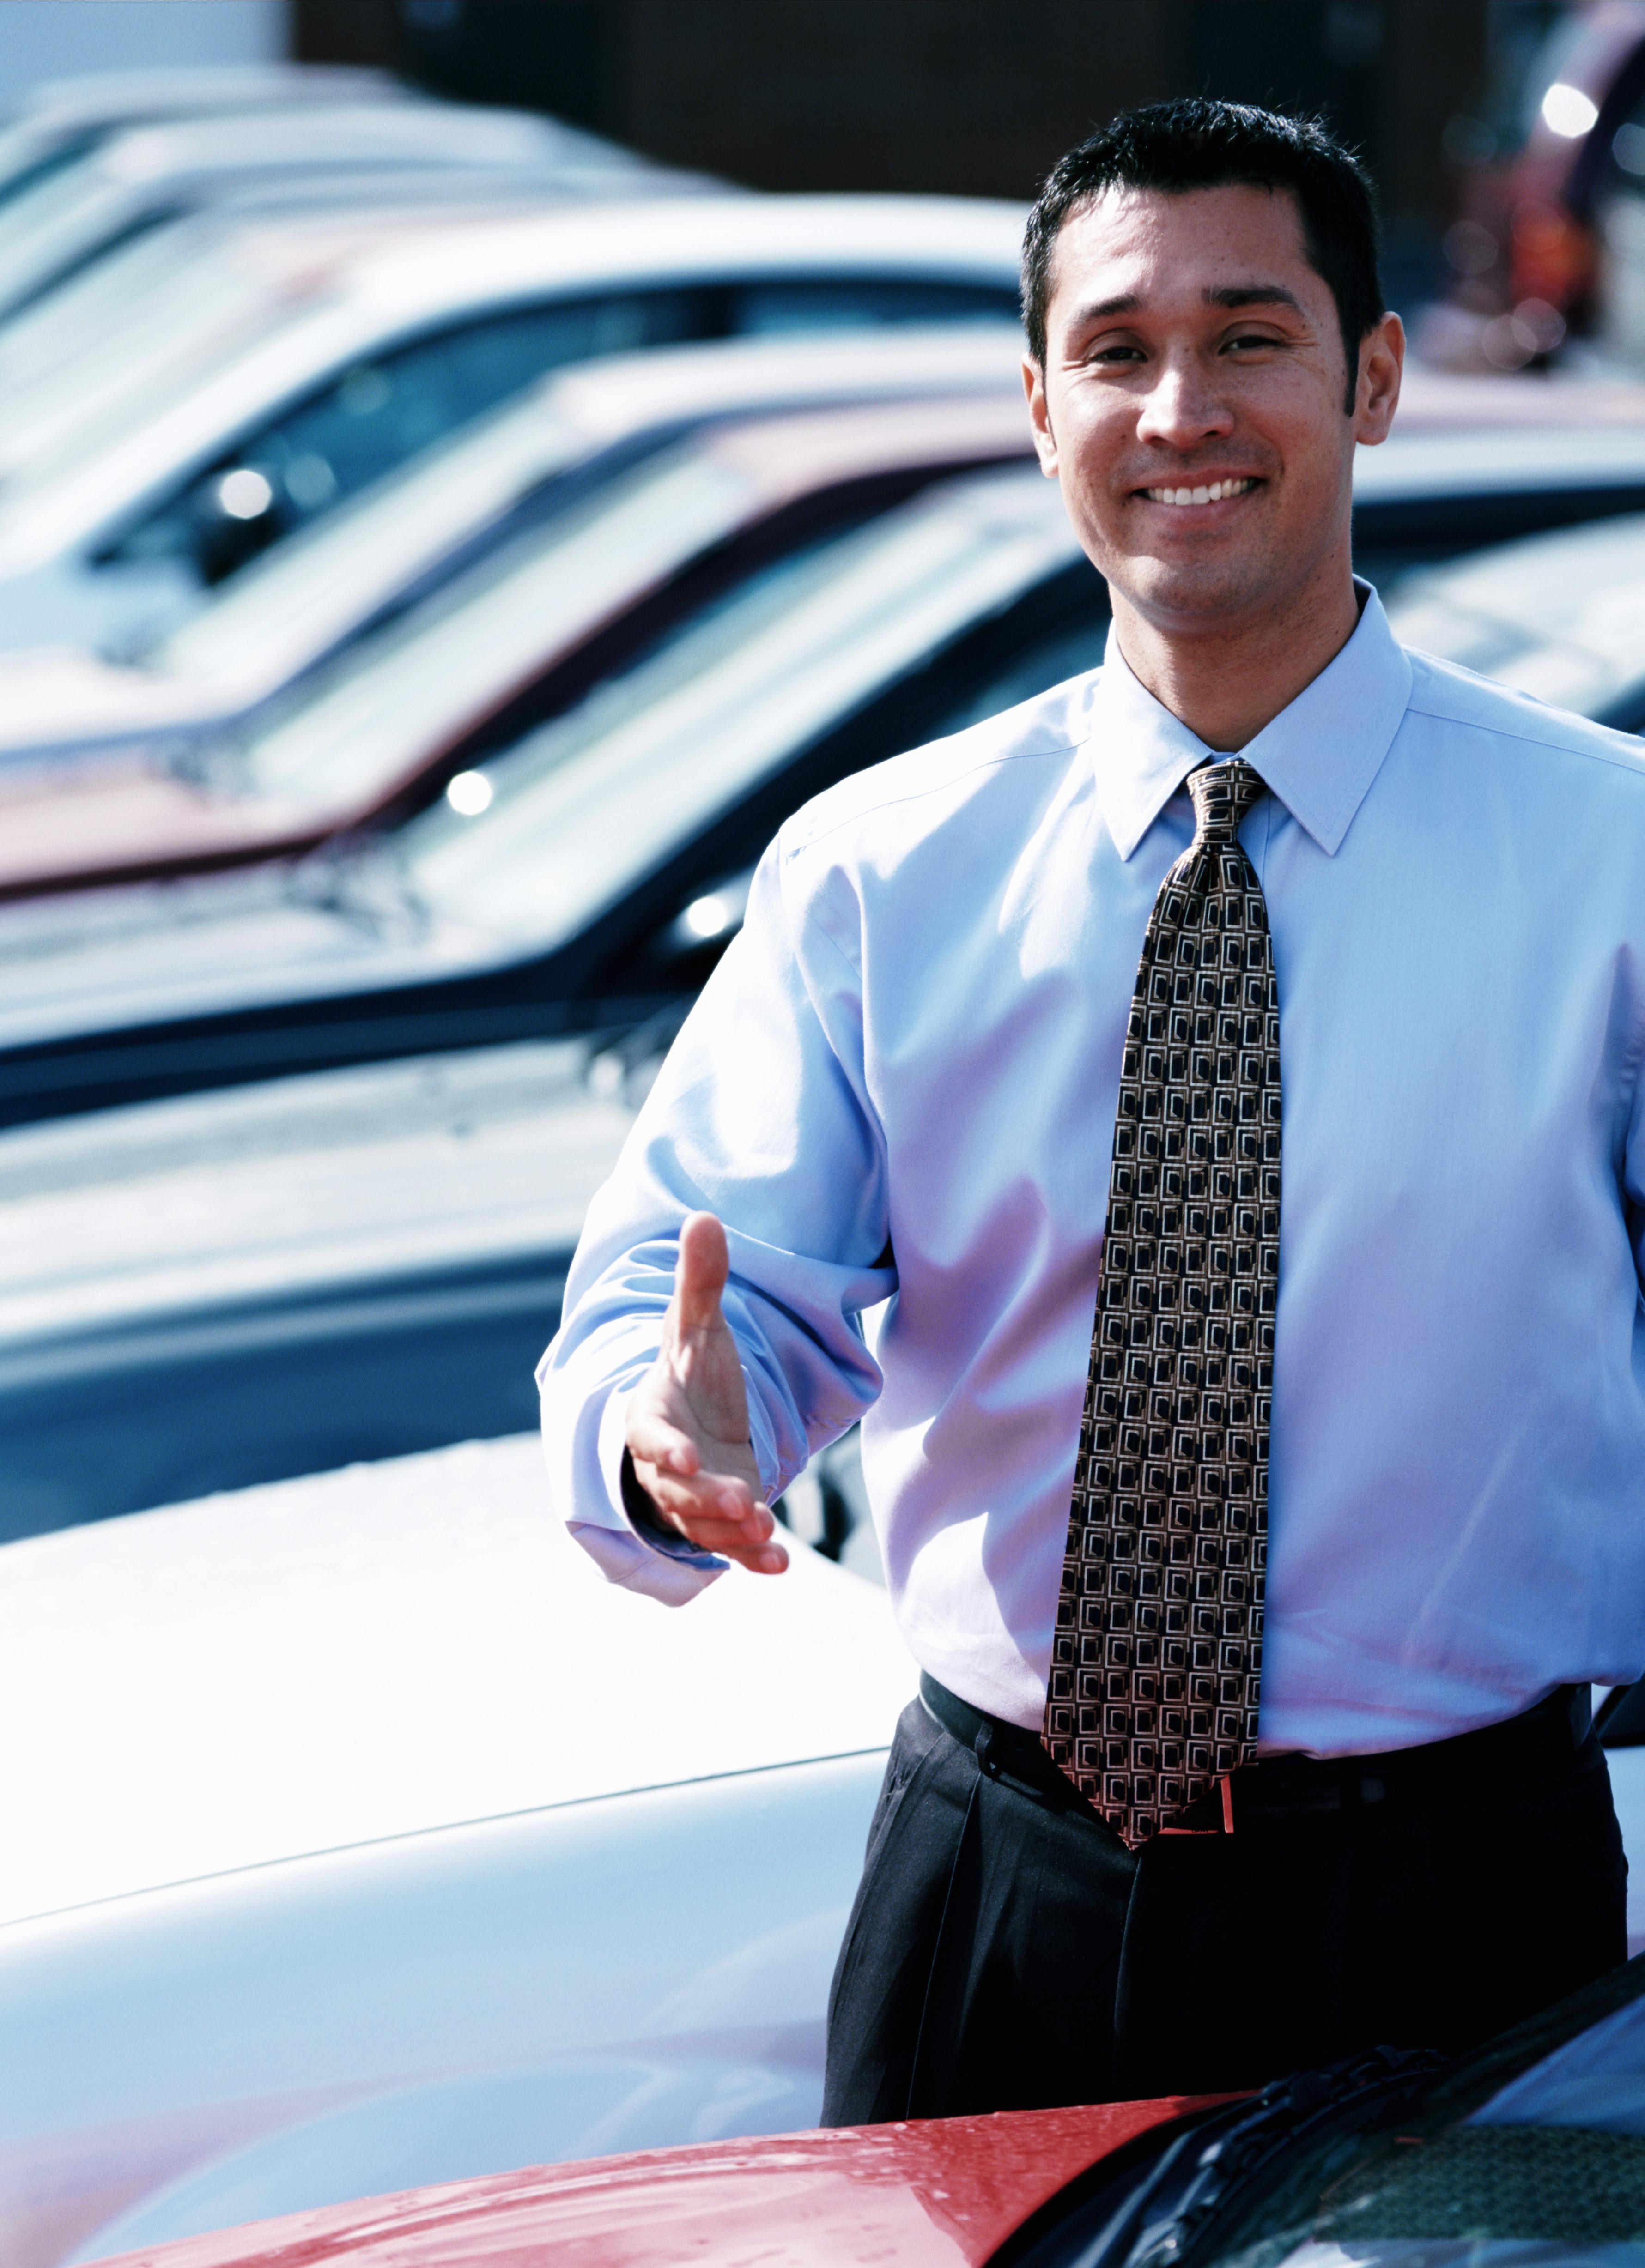 Car salesman in car lot